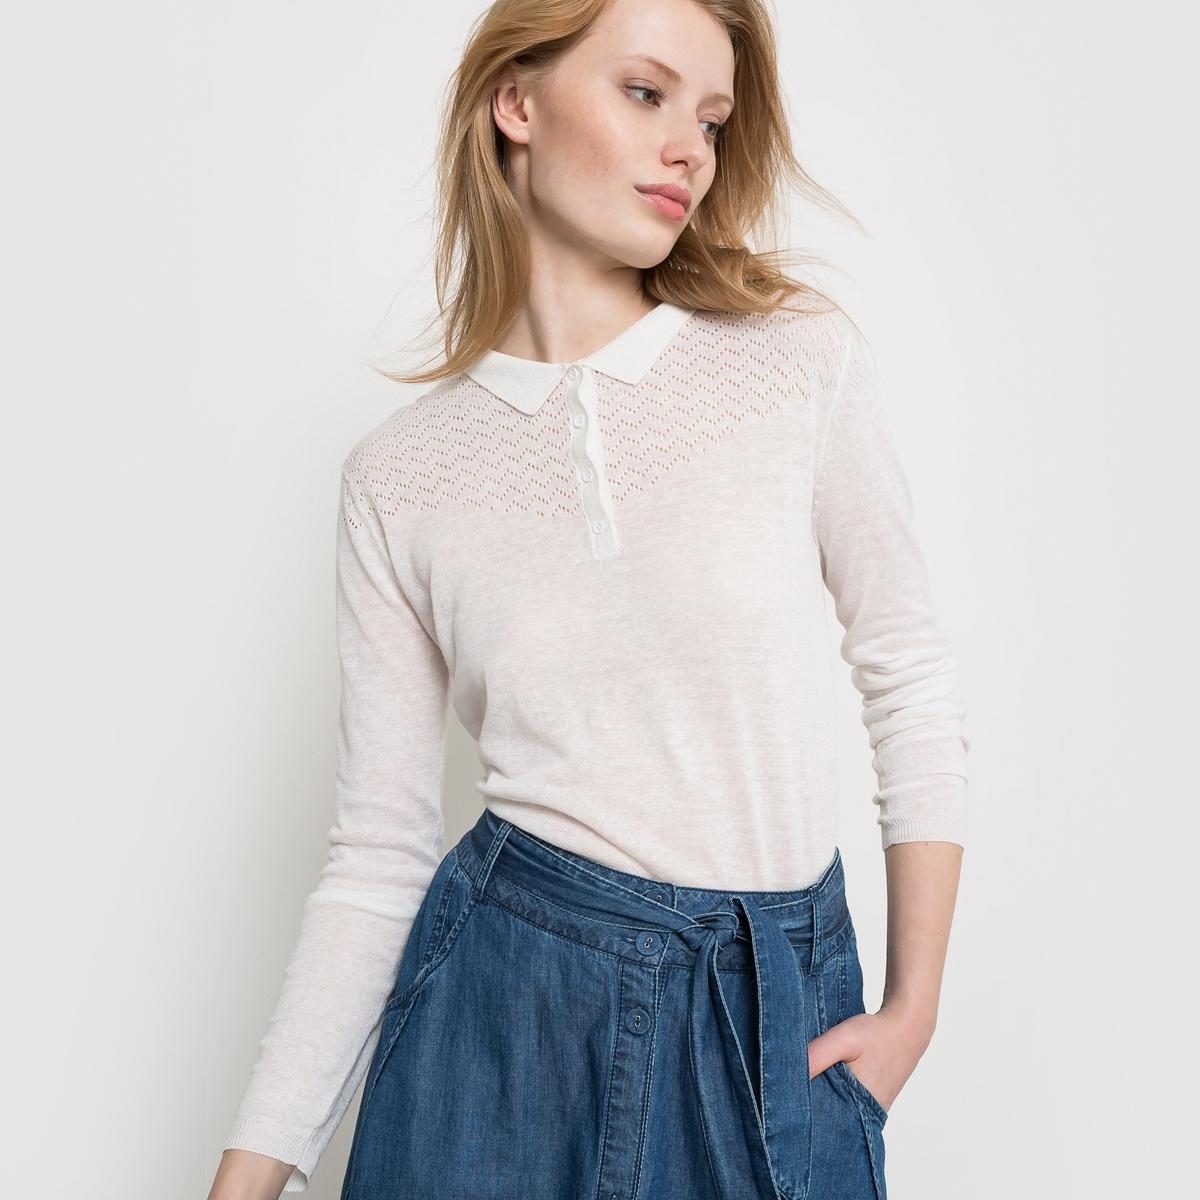 Пуловер с воротником поло из оригинального трикотажа из льна и вискозыПуловер из тонкого оригинального трикотажа придаст вашему наряду женственности.<br><br>Цвет: слоновая кость